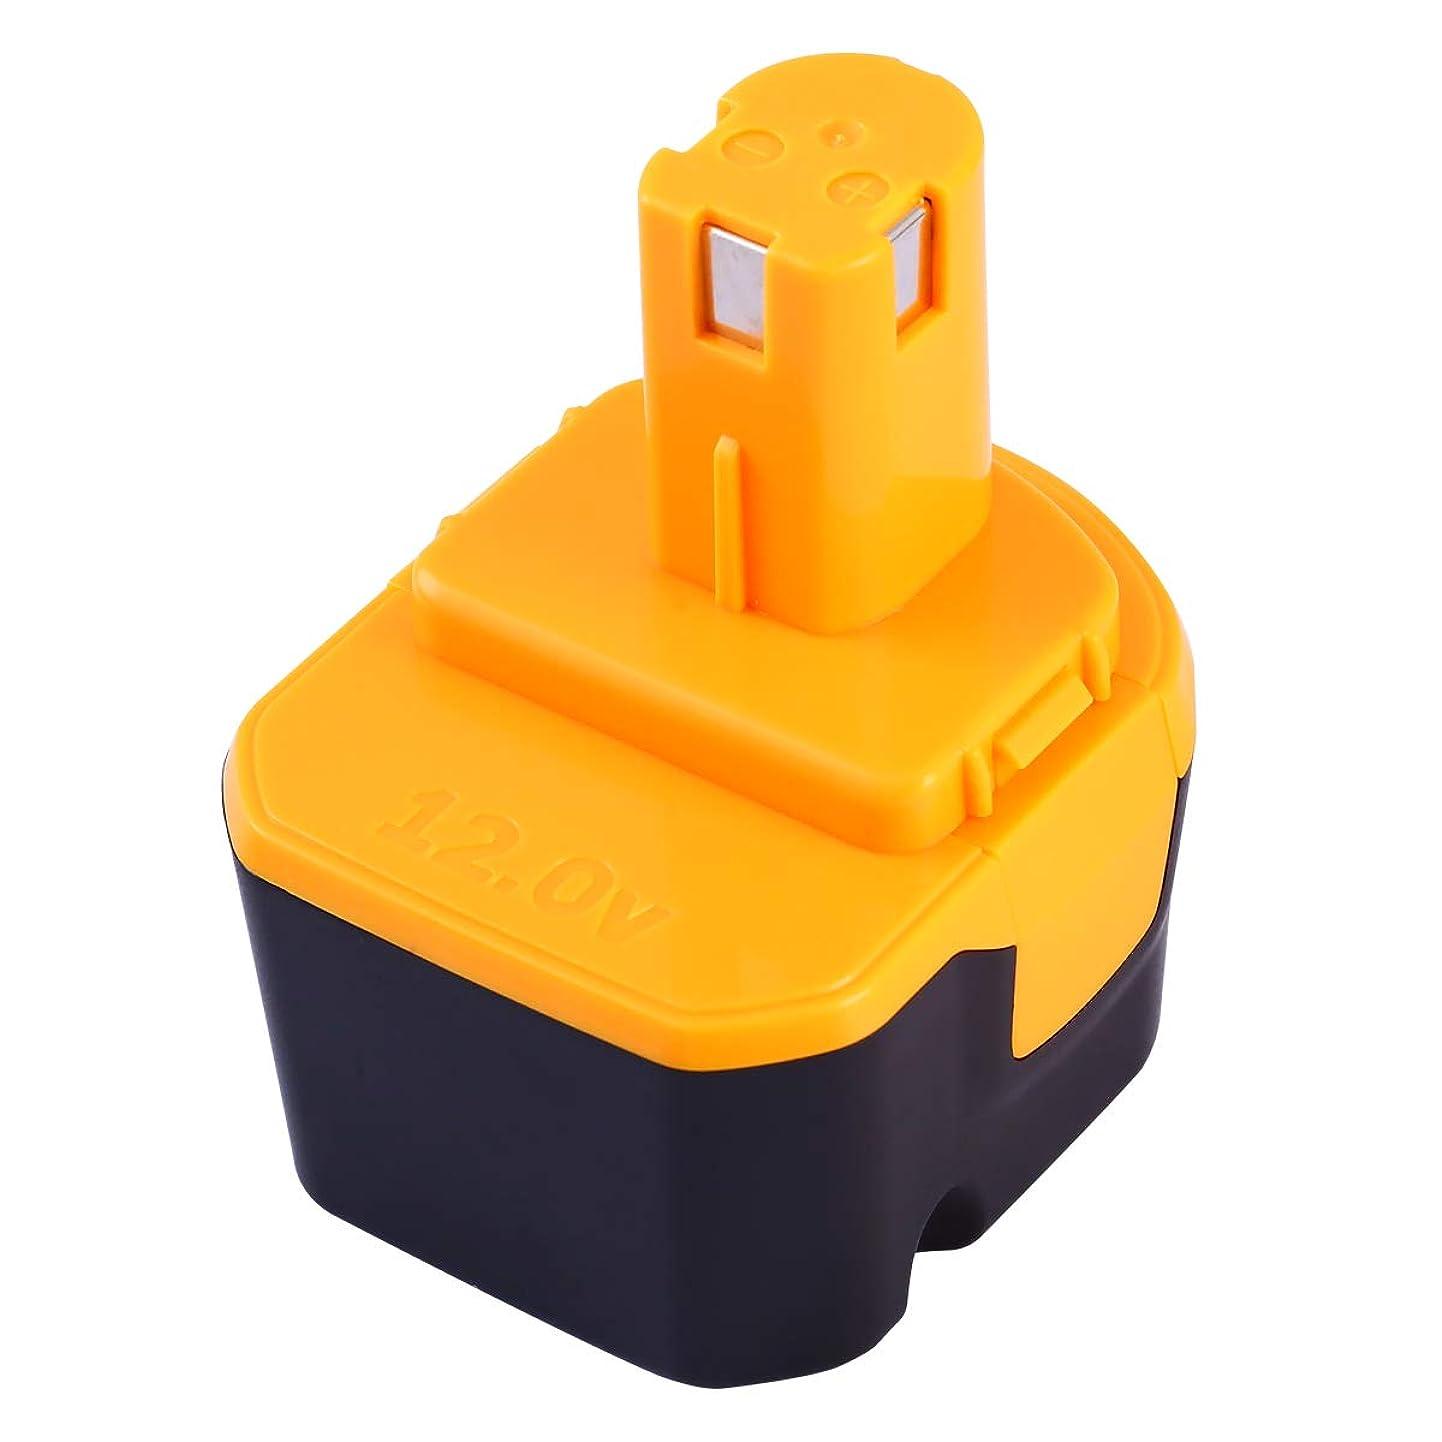 ワーディアンケース裁定財布Boetpcr RYOBIリョービ B-1203M B-1203F2 電池パック対応 12V 3.0Ah互換バッテリー B-1203C B-1203M1 B-1203F3 BPL-1220 B-1220F2代替電池 DIY工具?作業用電池 高品質 一年保証付き